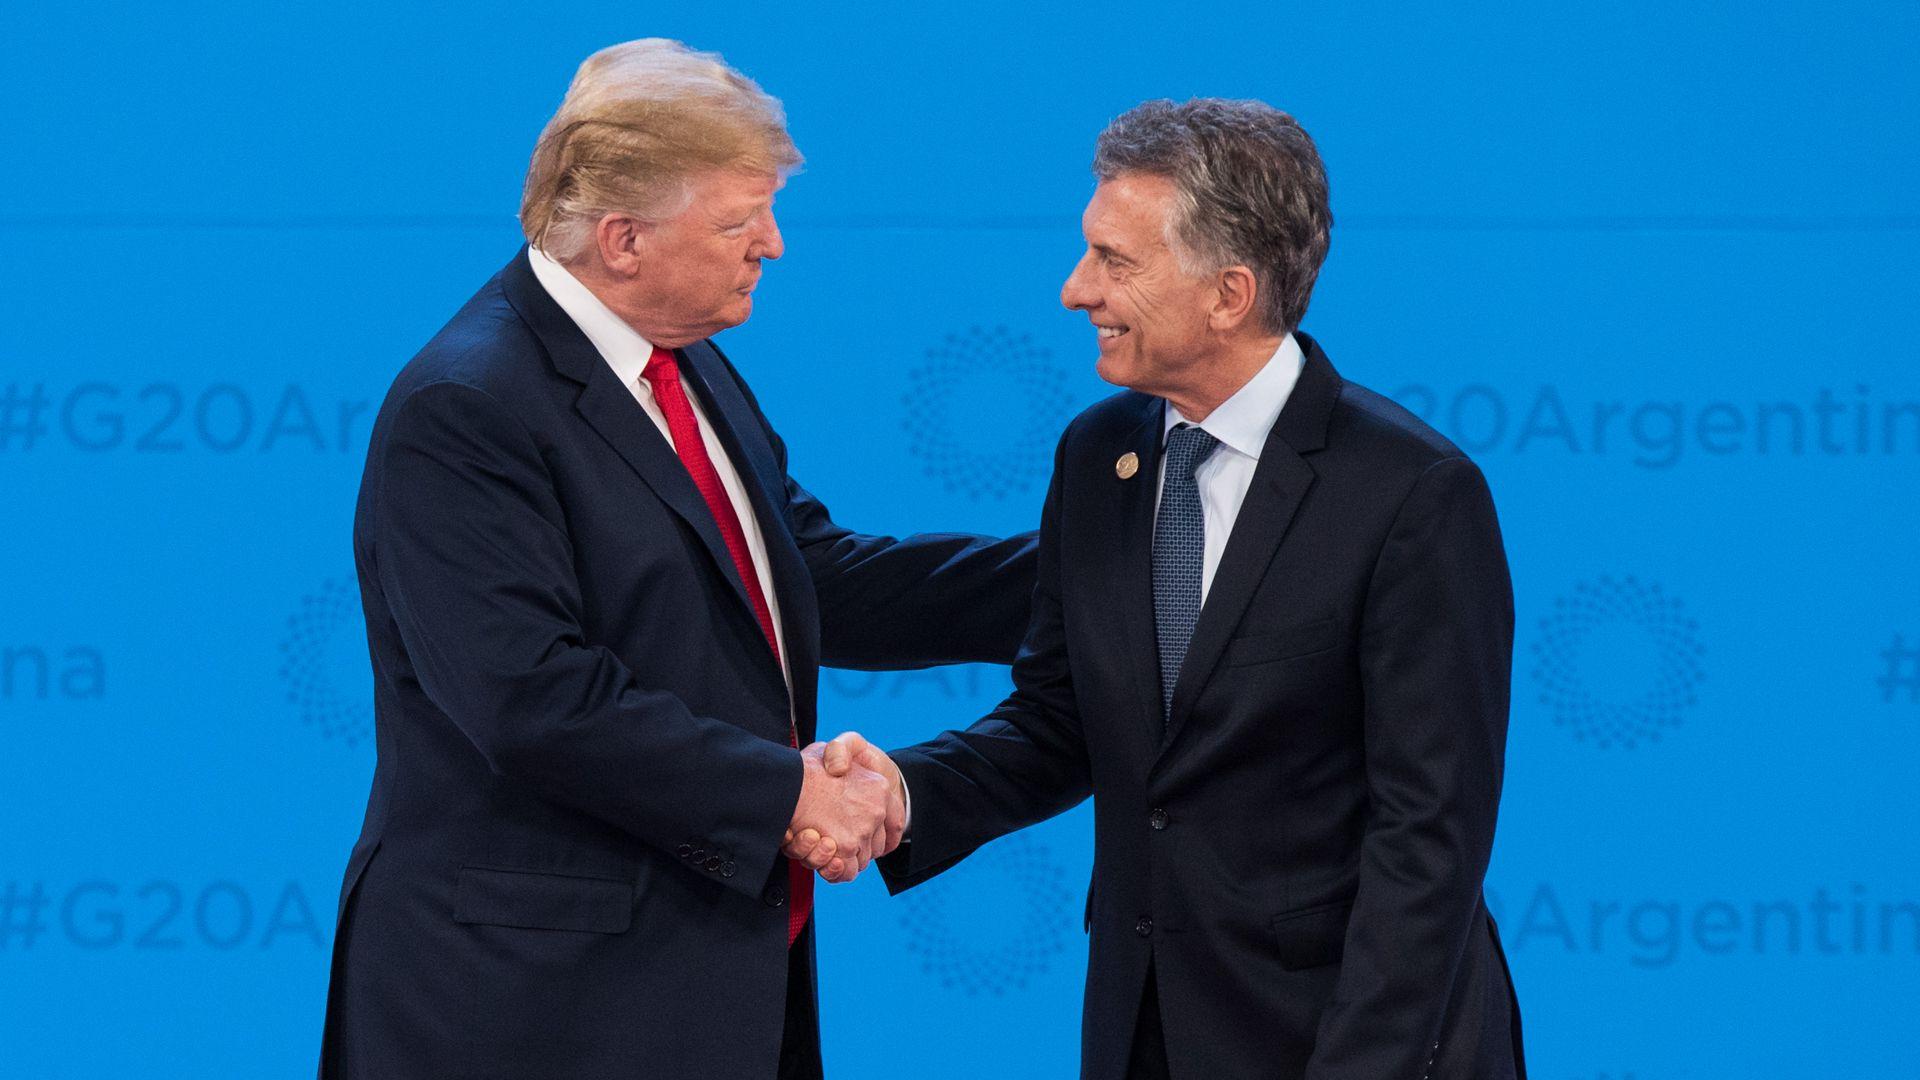 Donald Trump y Mauricio Macri durante el G20 (Foto: Manuel Cortina)